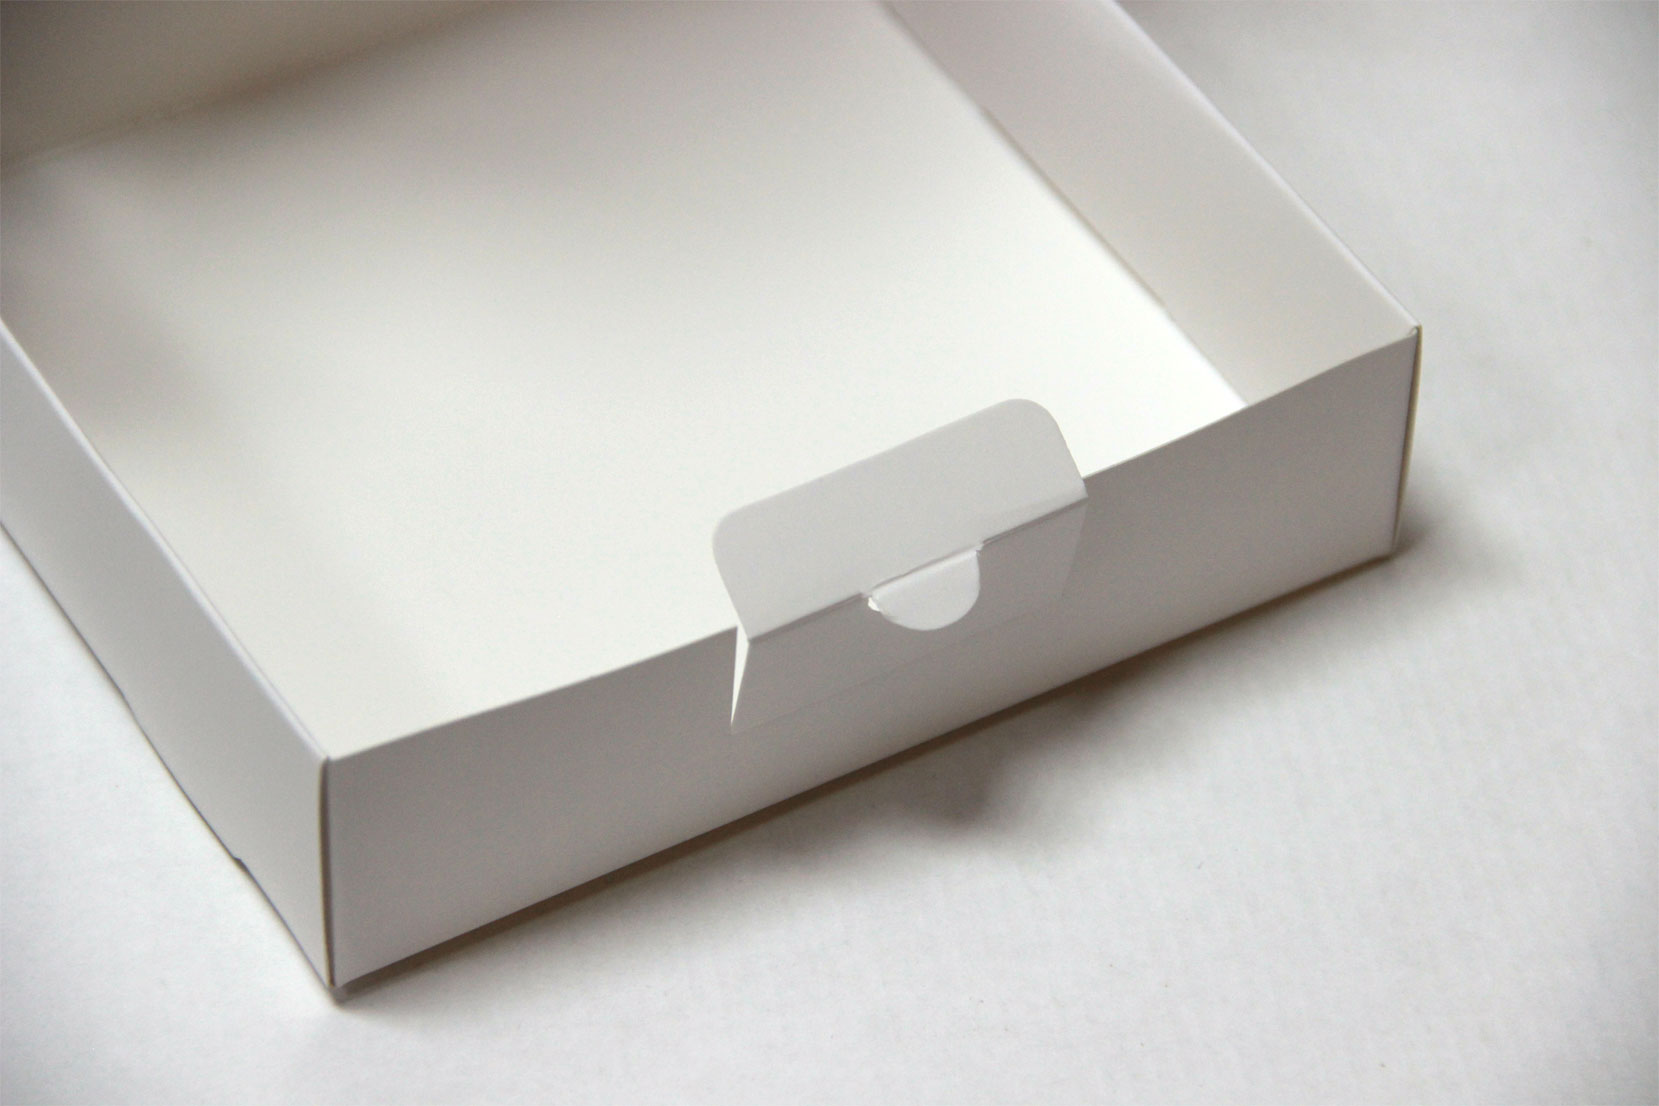 Упаковка для тортов - konditermagru